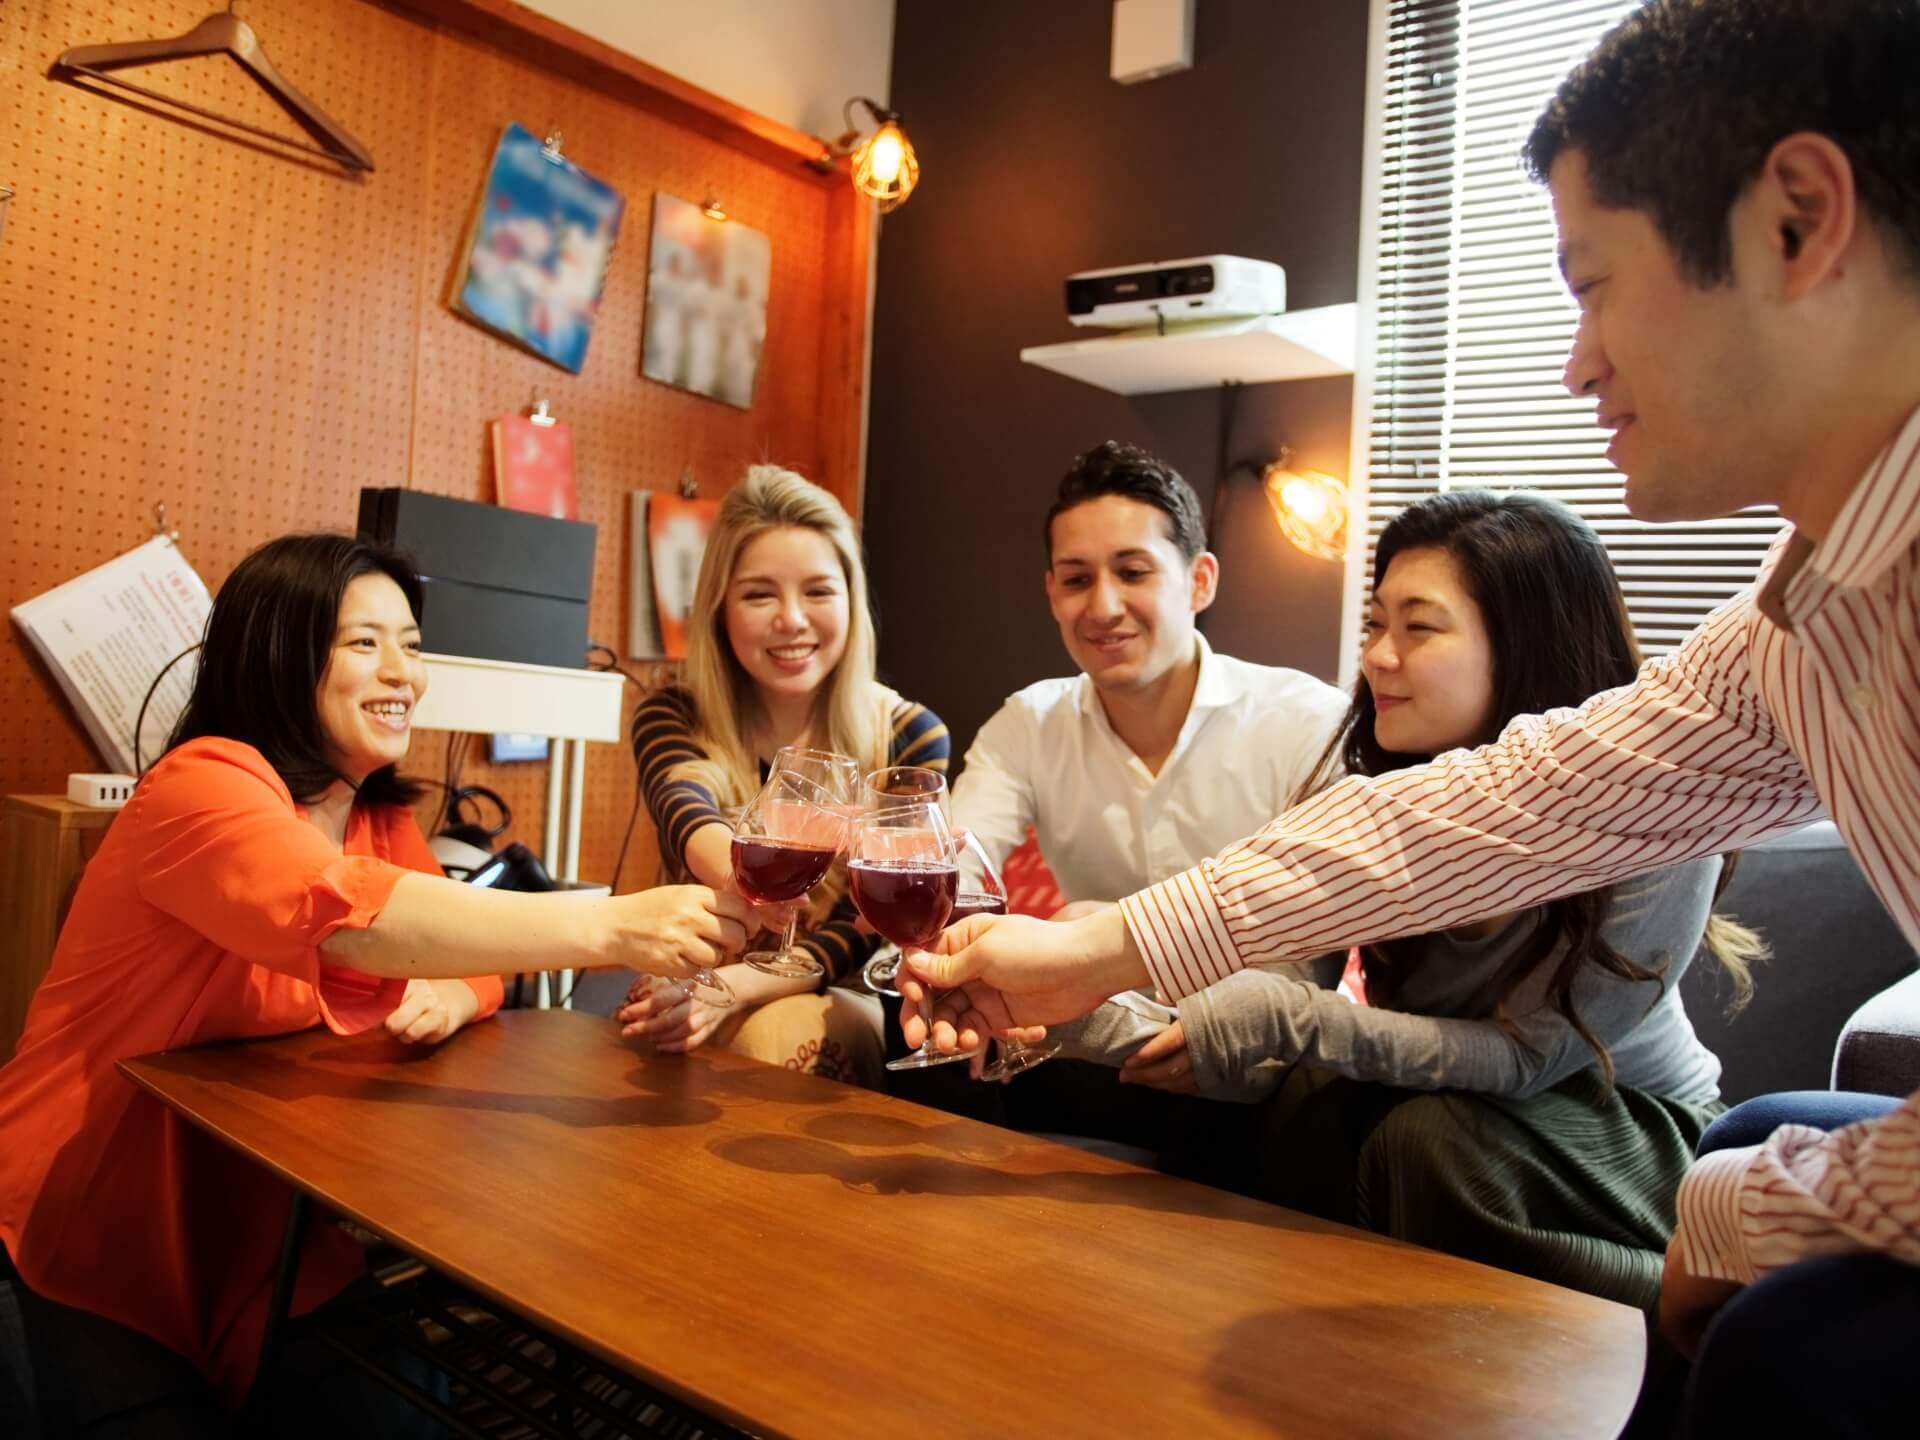 台湾で中国語を学びたい人にairbnbがお勧めな3つの理由